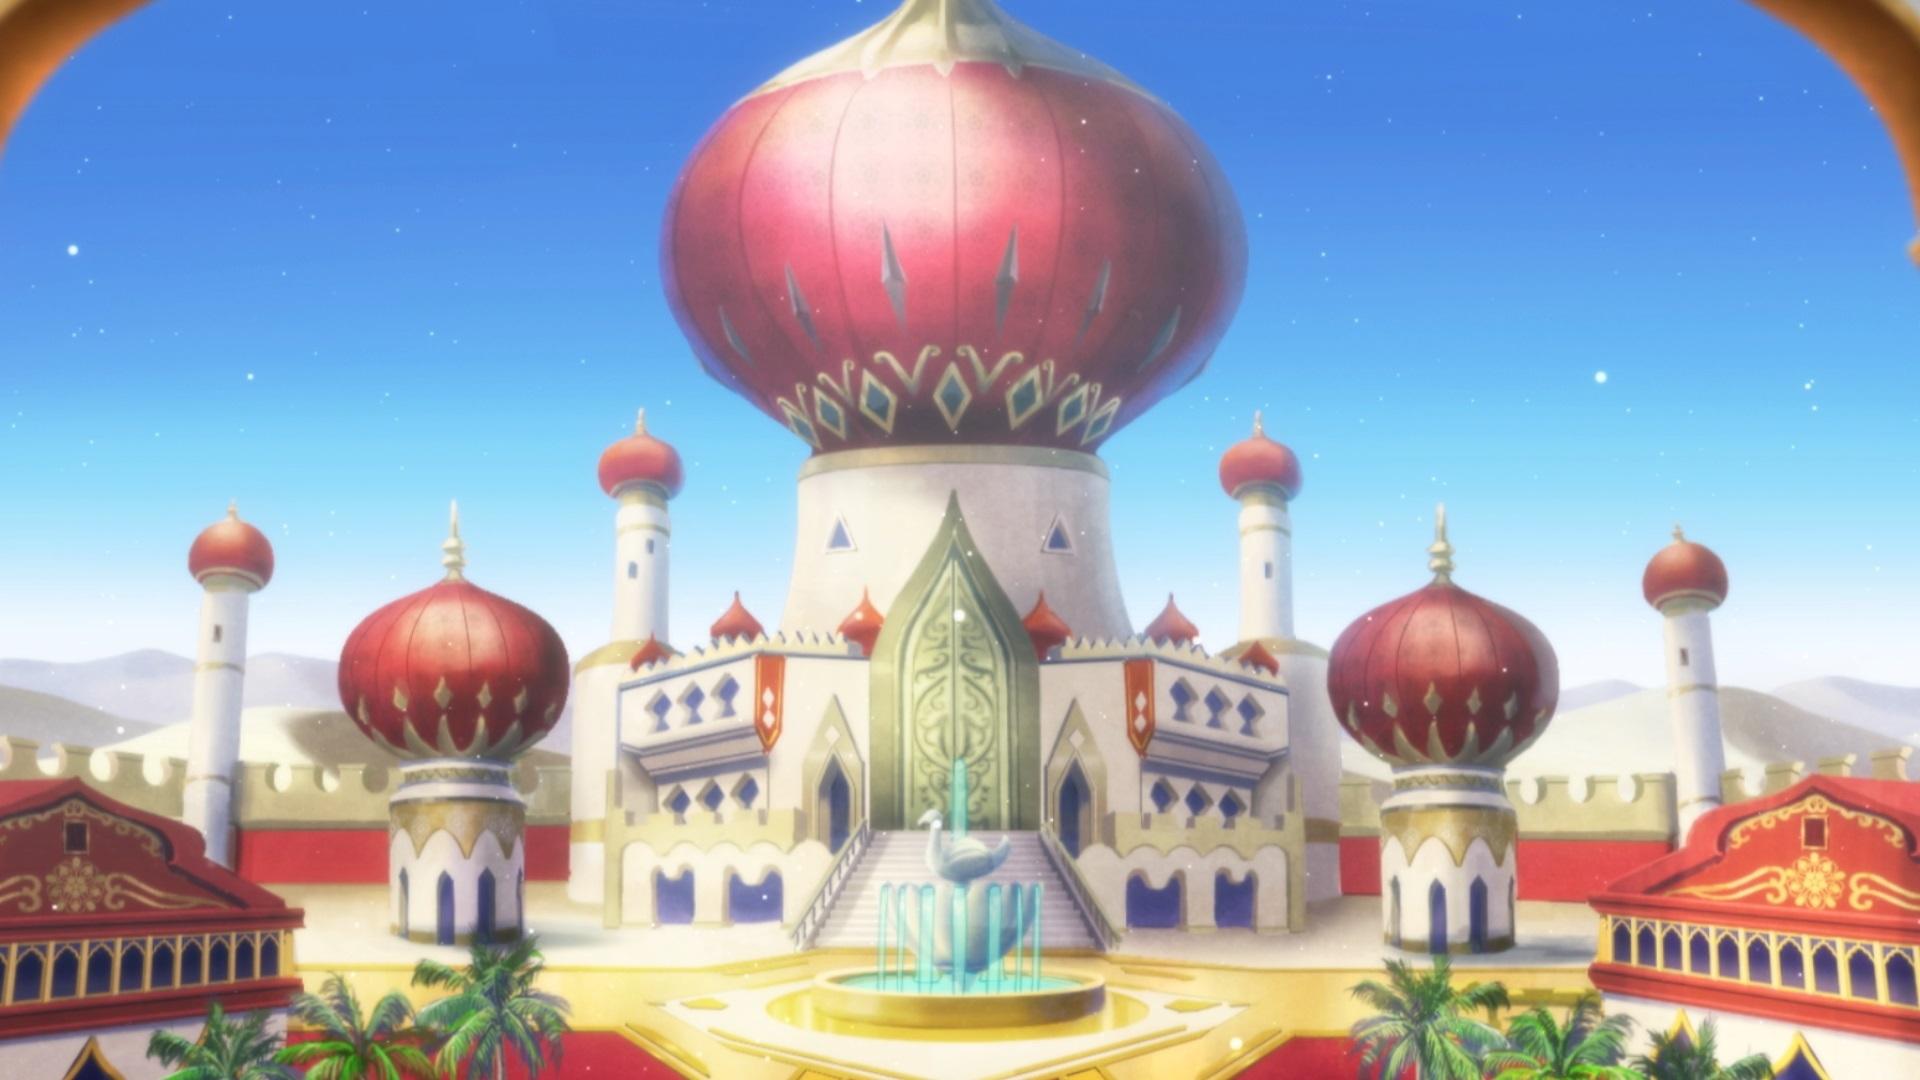 (C)Disney.  Published by Aniplex